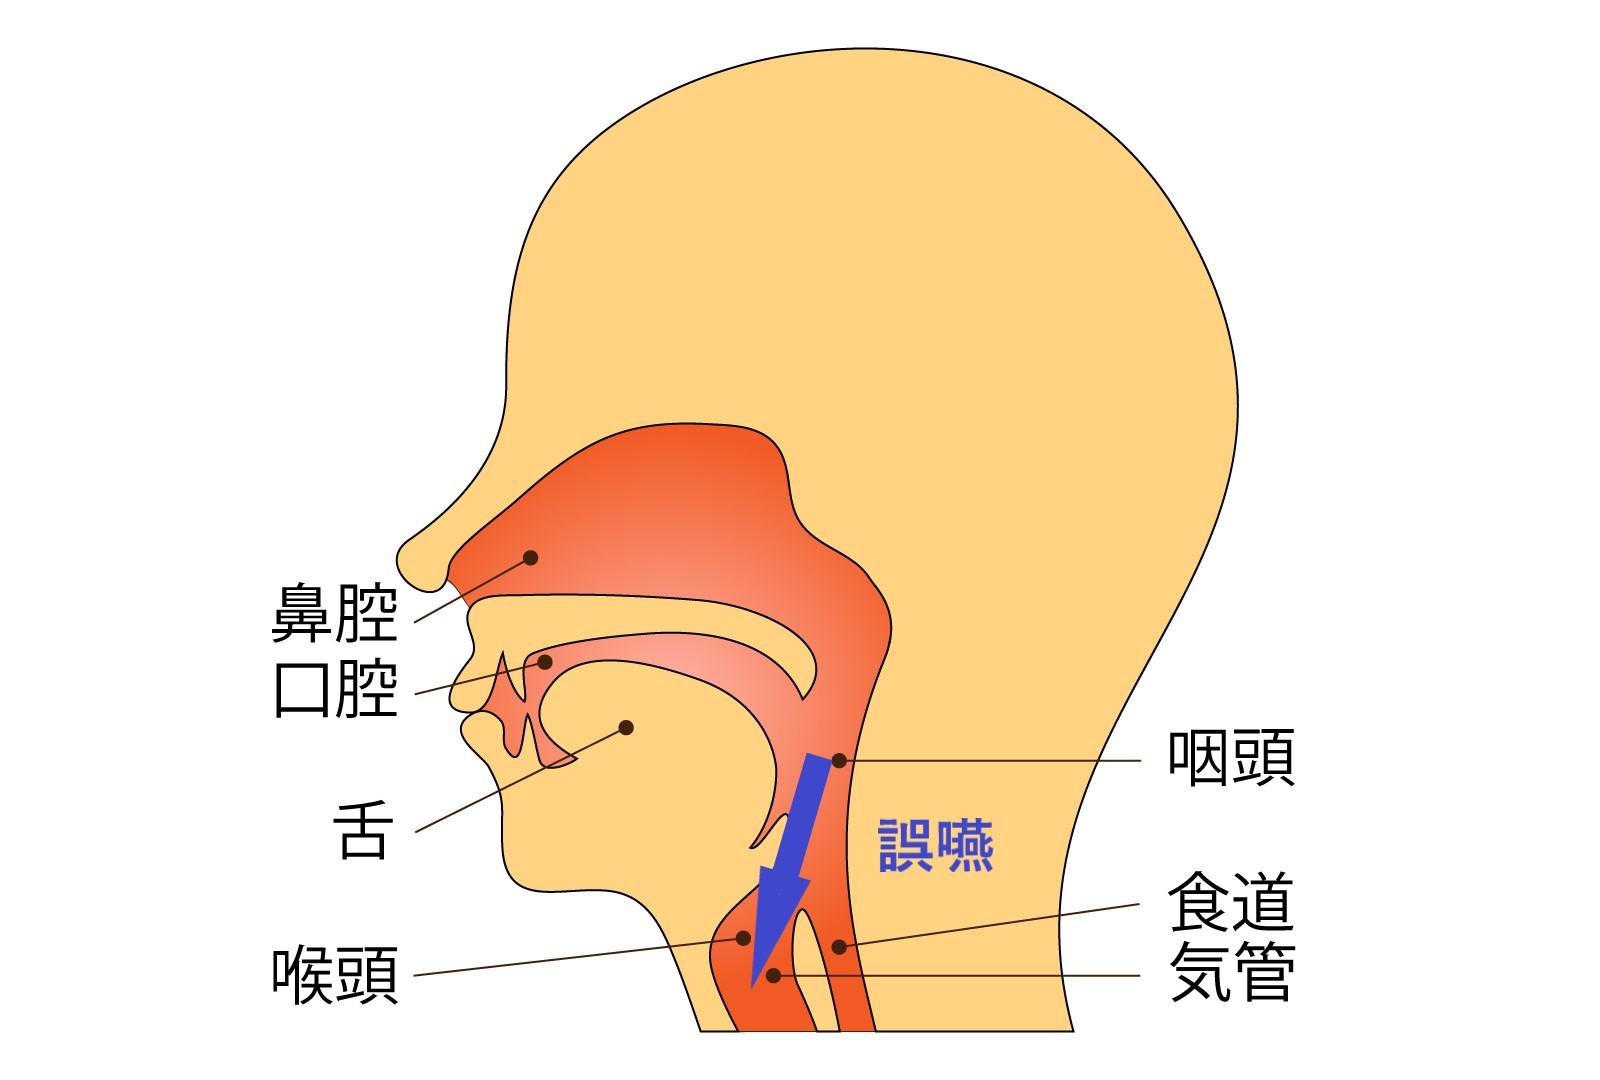 食道と気管のイラスト